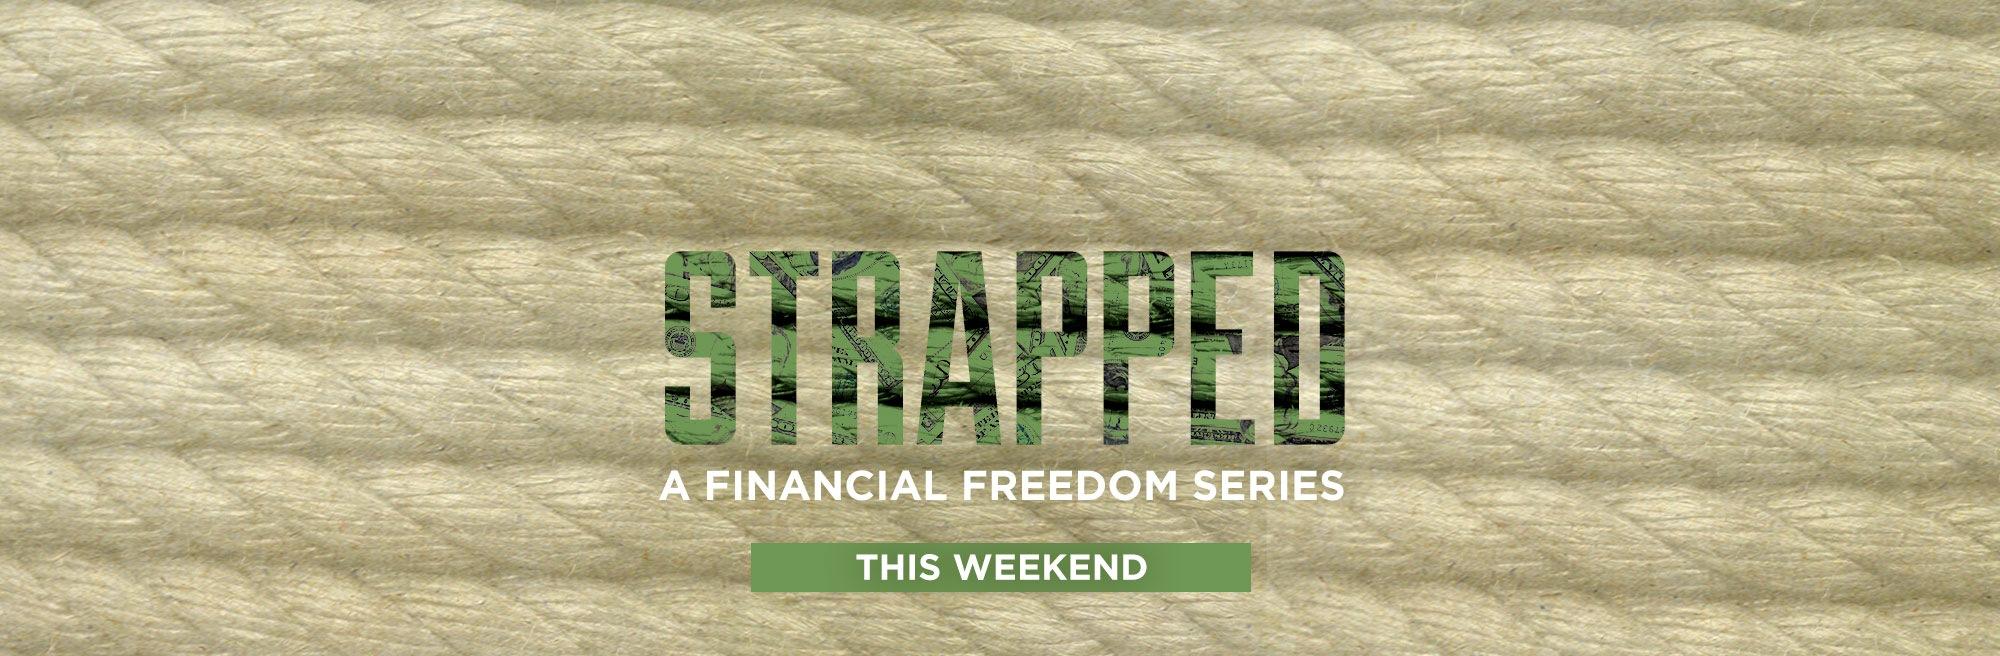 Strapped Sermon Series Idea